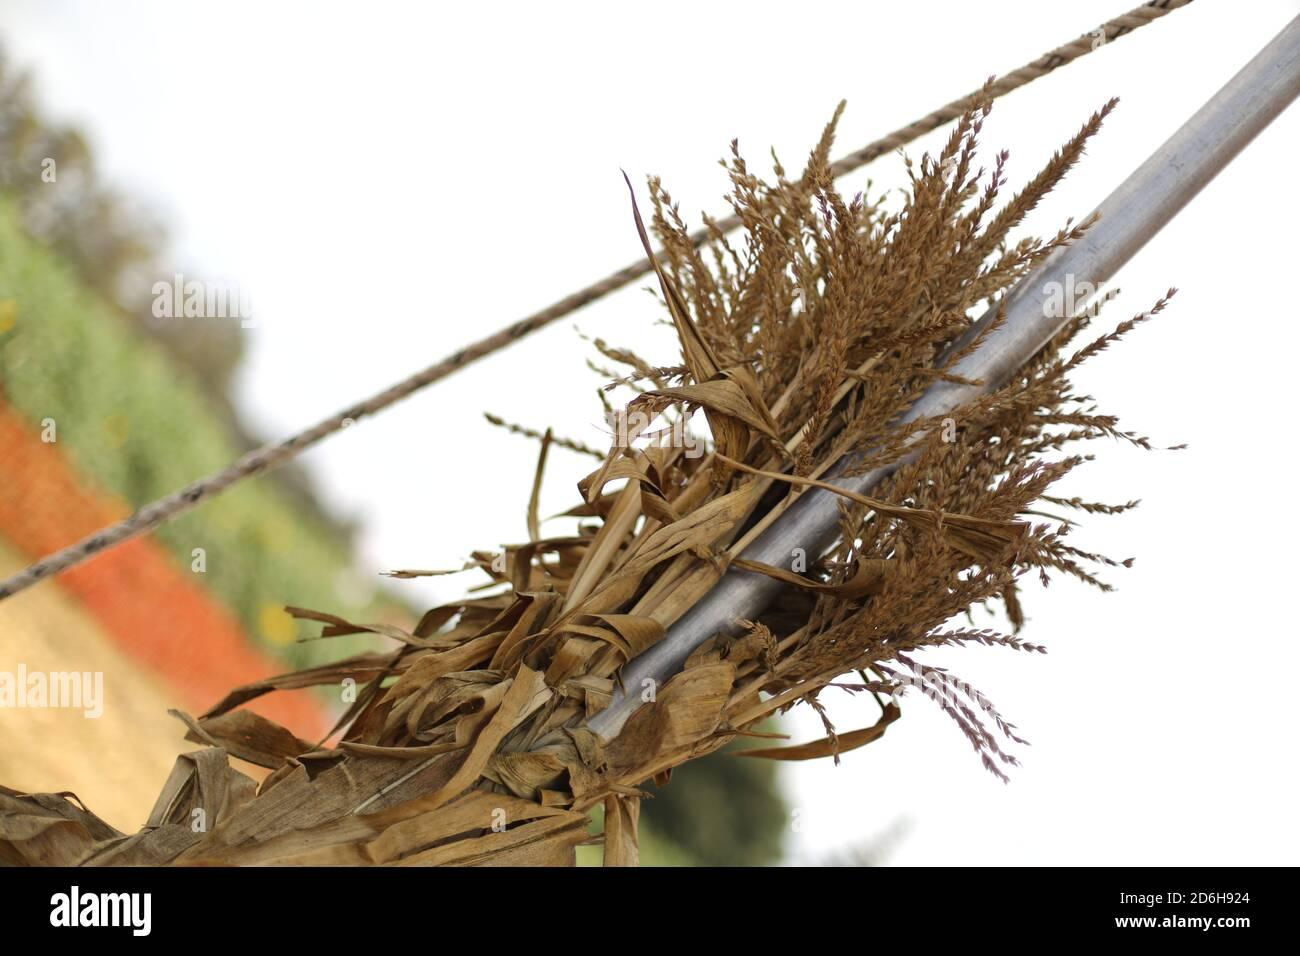 fall-festival-at-underwood-farms-moorpark-california-usa-2D6H924.jpg